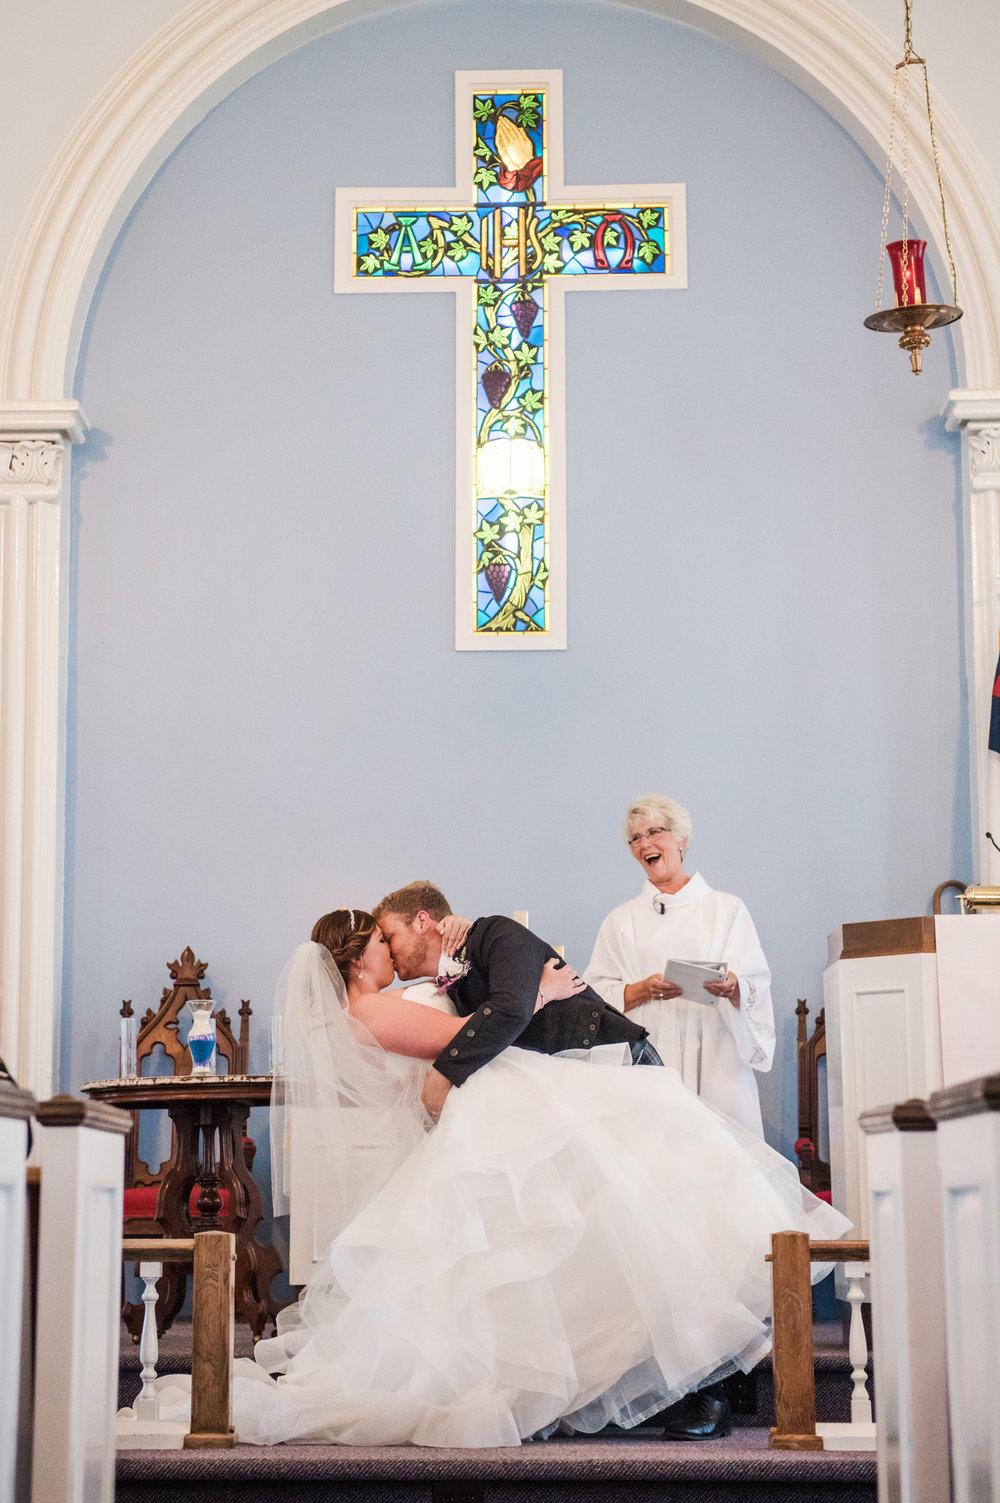 JILLSTUDIO_Club_86_Finger_Lakes_Wedding_Rochester_NY_Photographer_DSC_7288.jpg